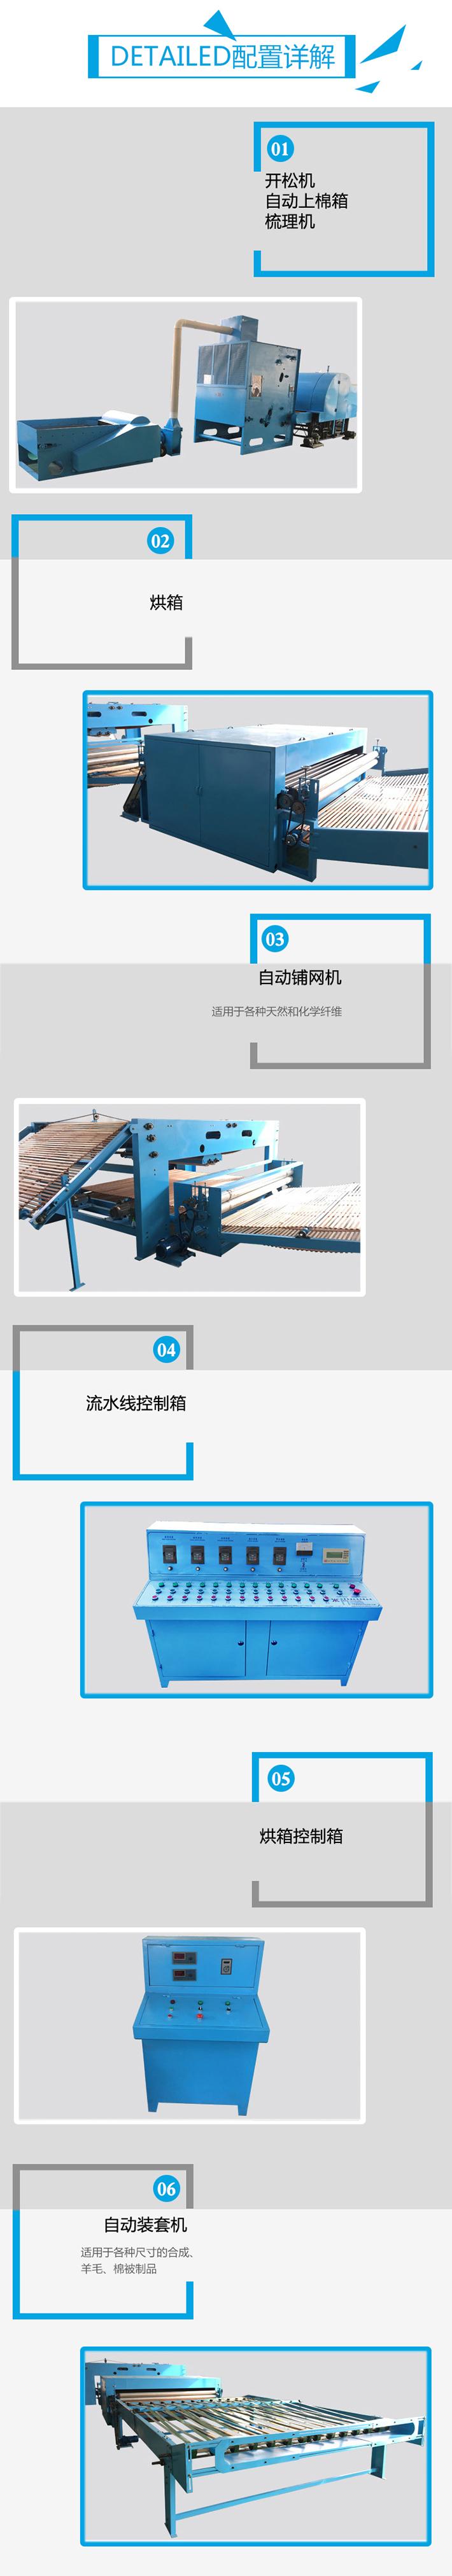 生产线配置图